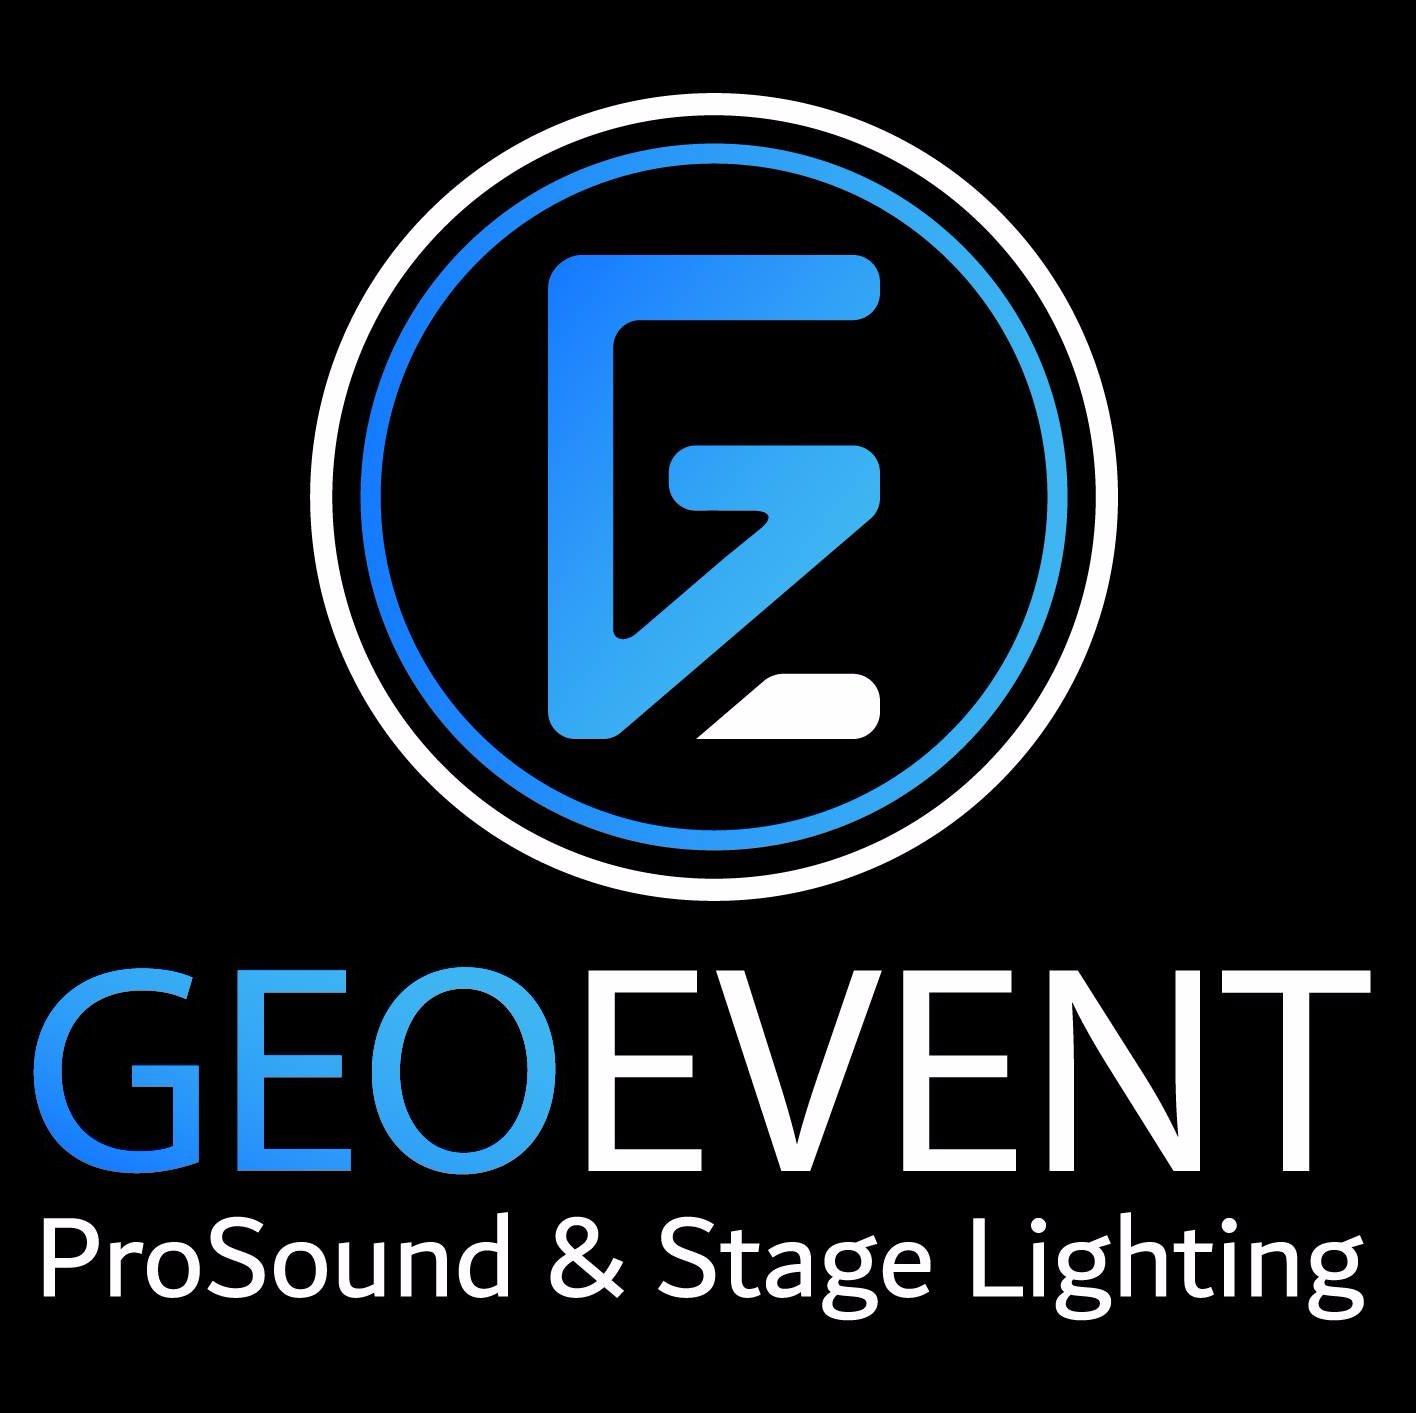 GeoEvent (@GeoEventLa) | Twitter